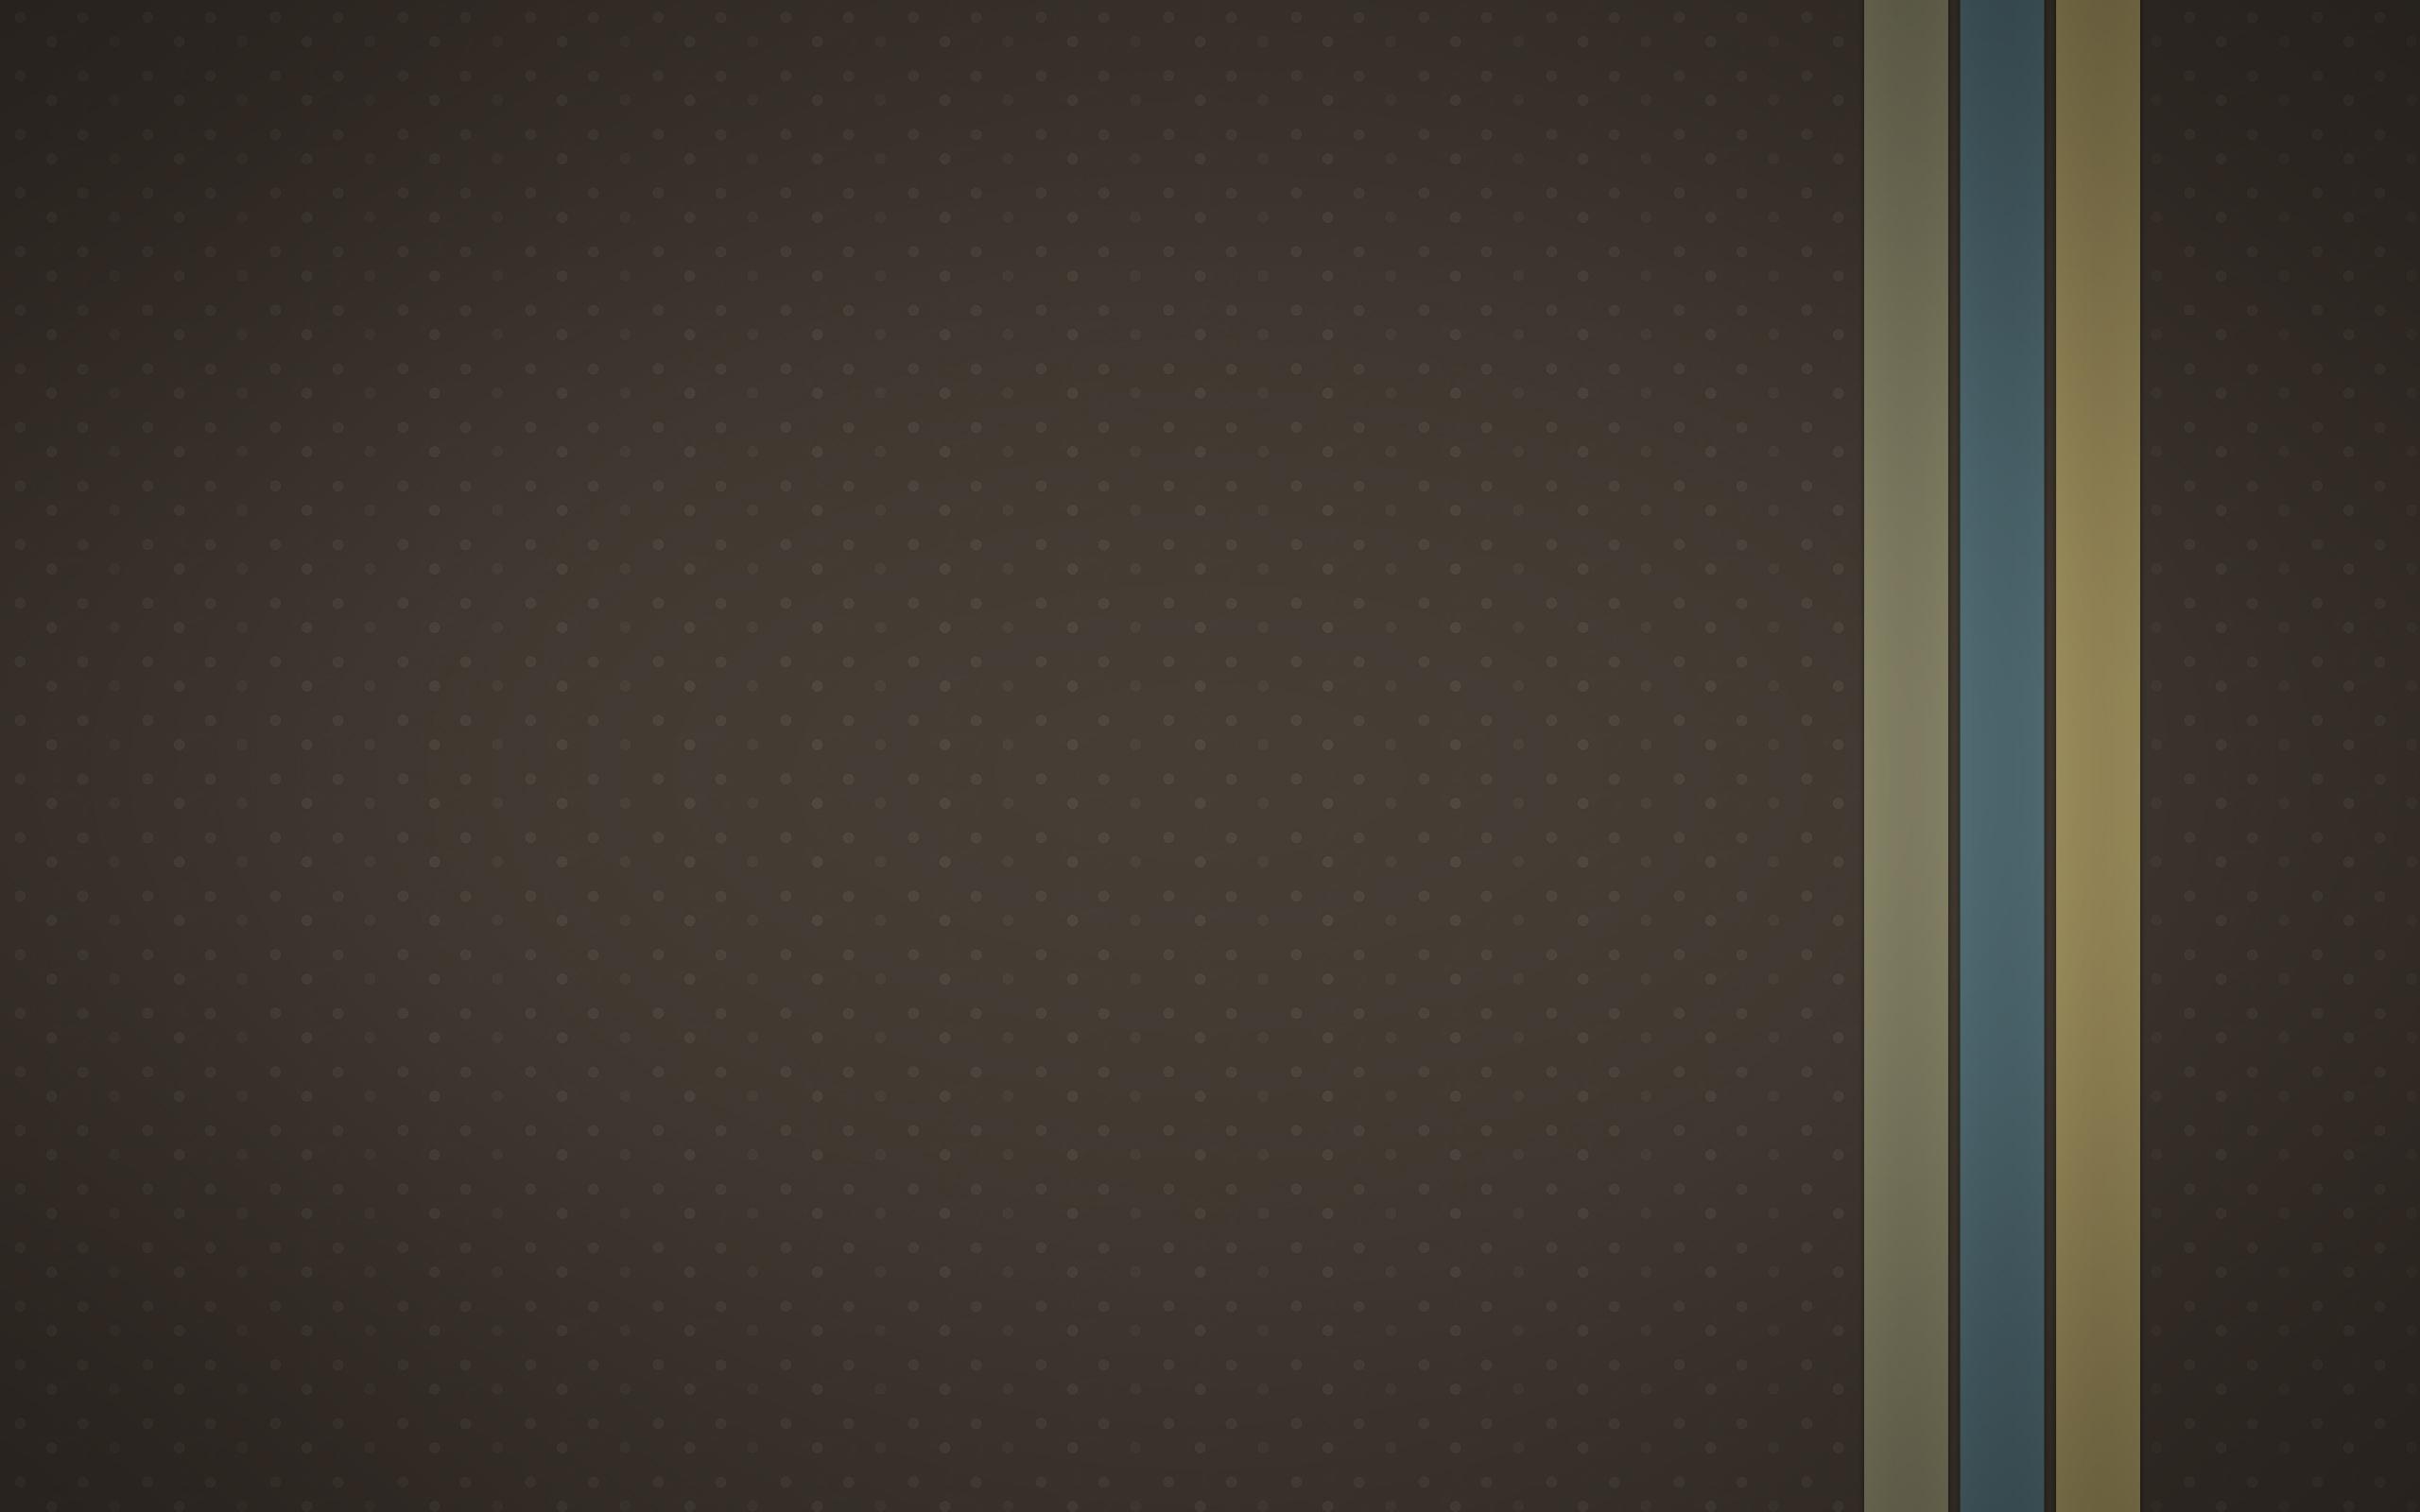 Minimalist wallpaper 5737 2560x1600 px for A minimalist